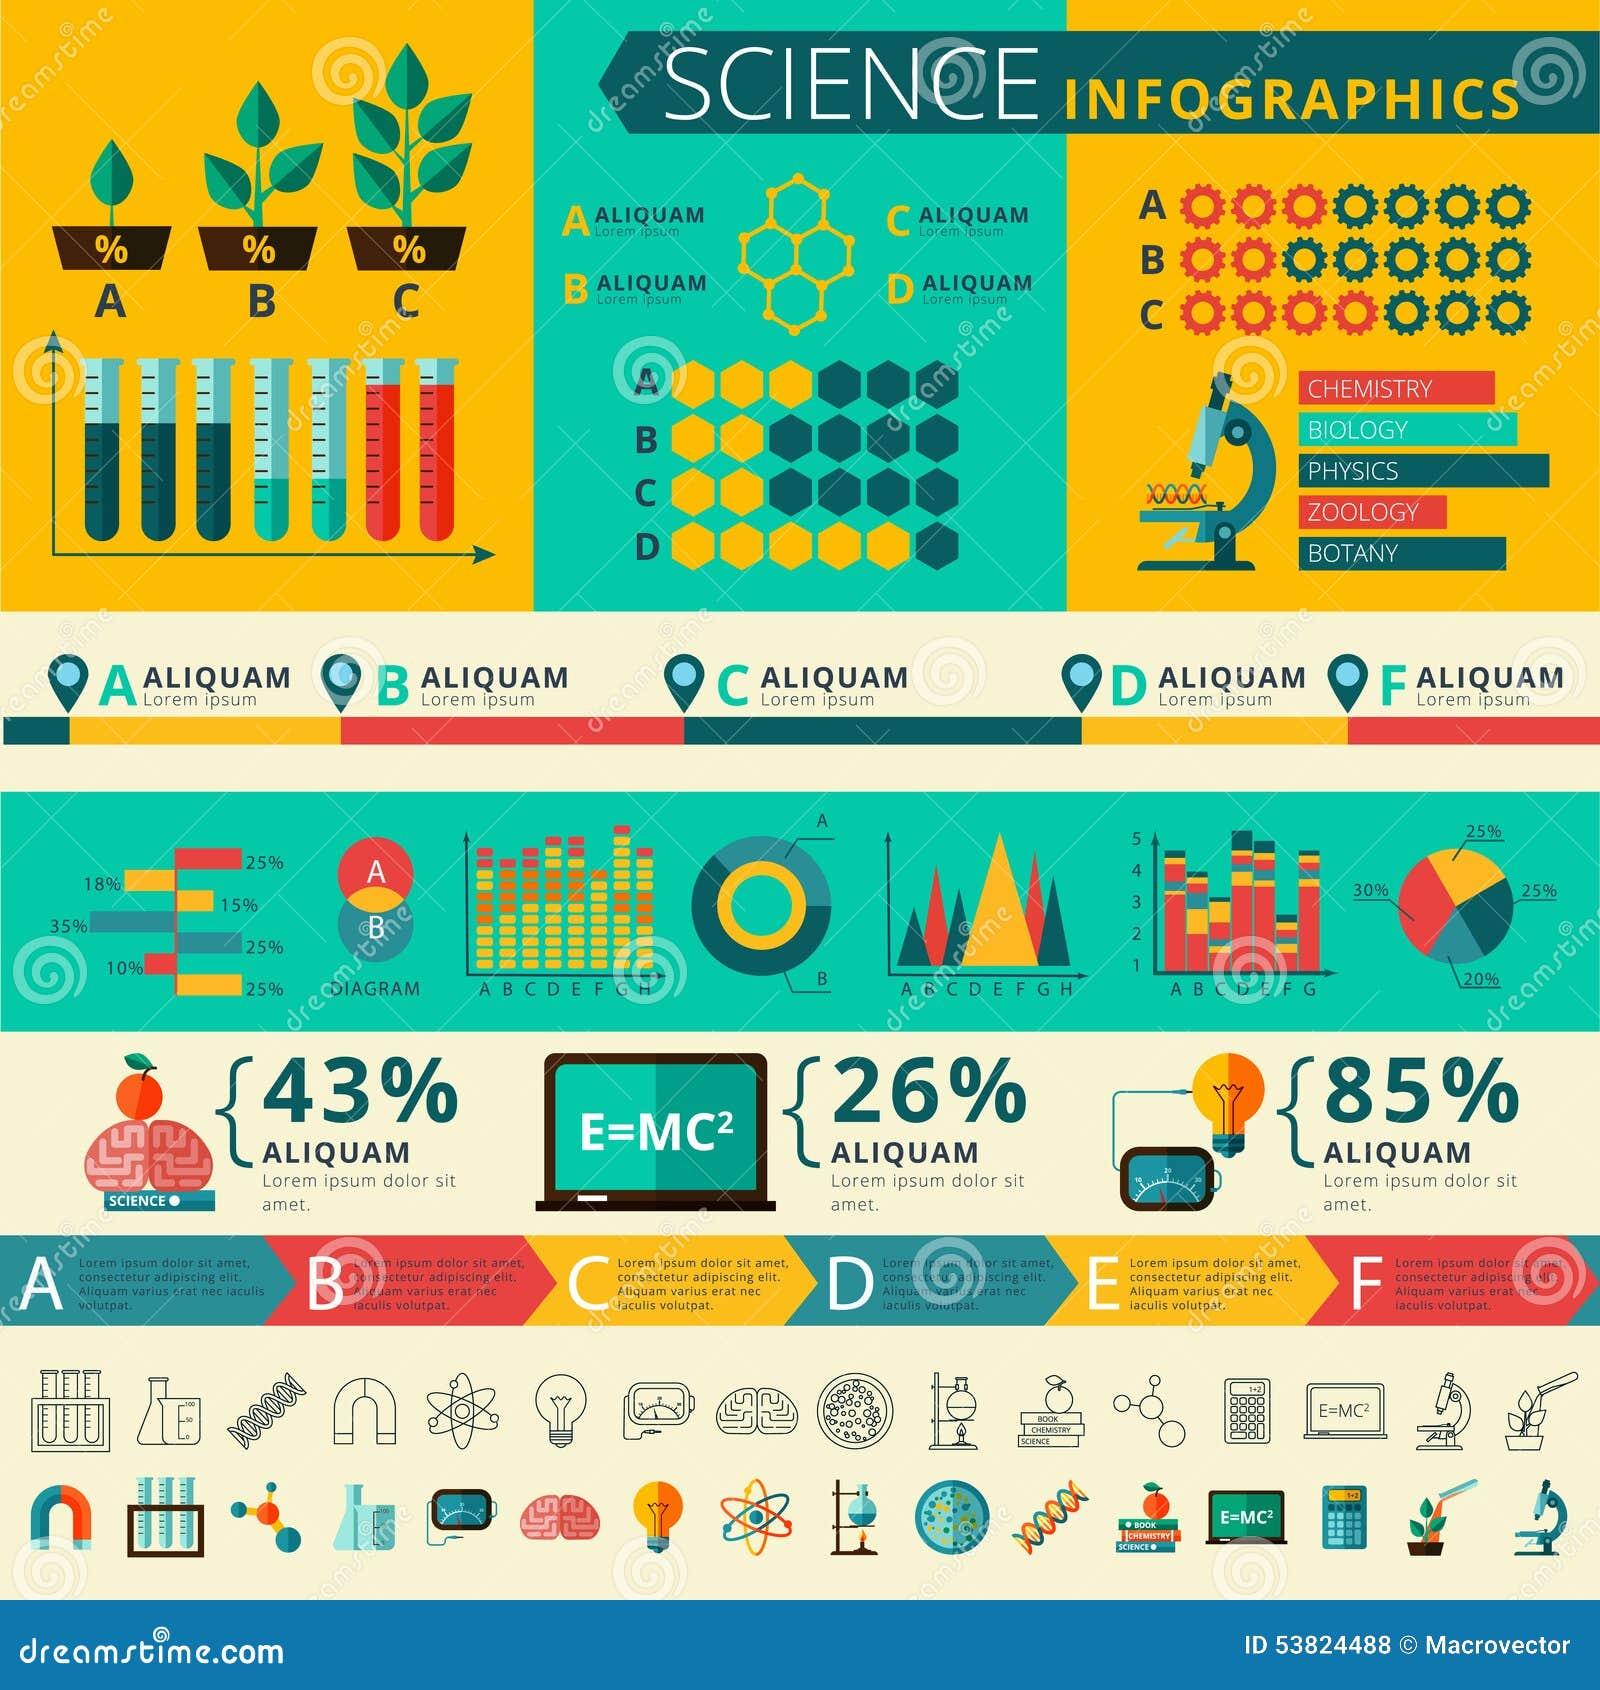 ... Vecteur: Affiche infographic de présentation de rapport de la Science